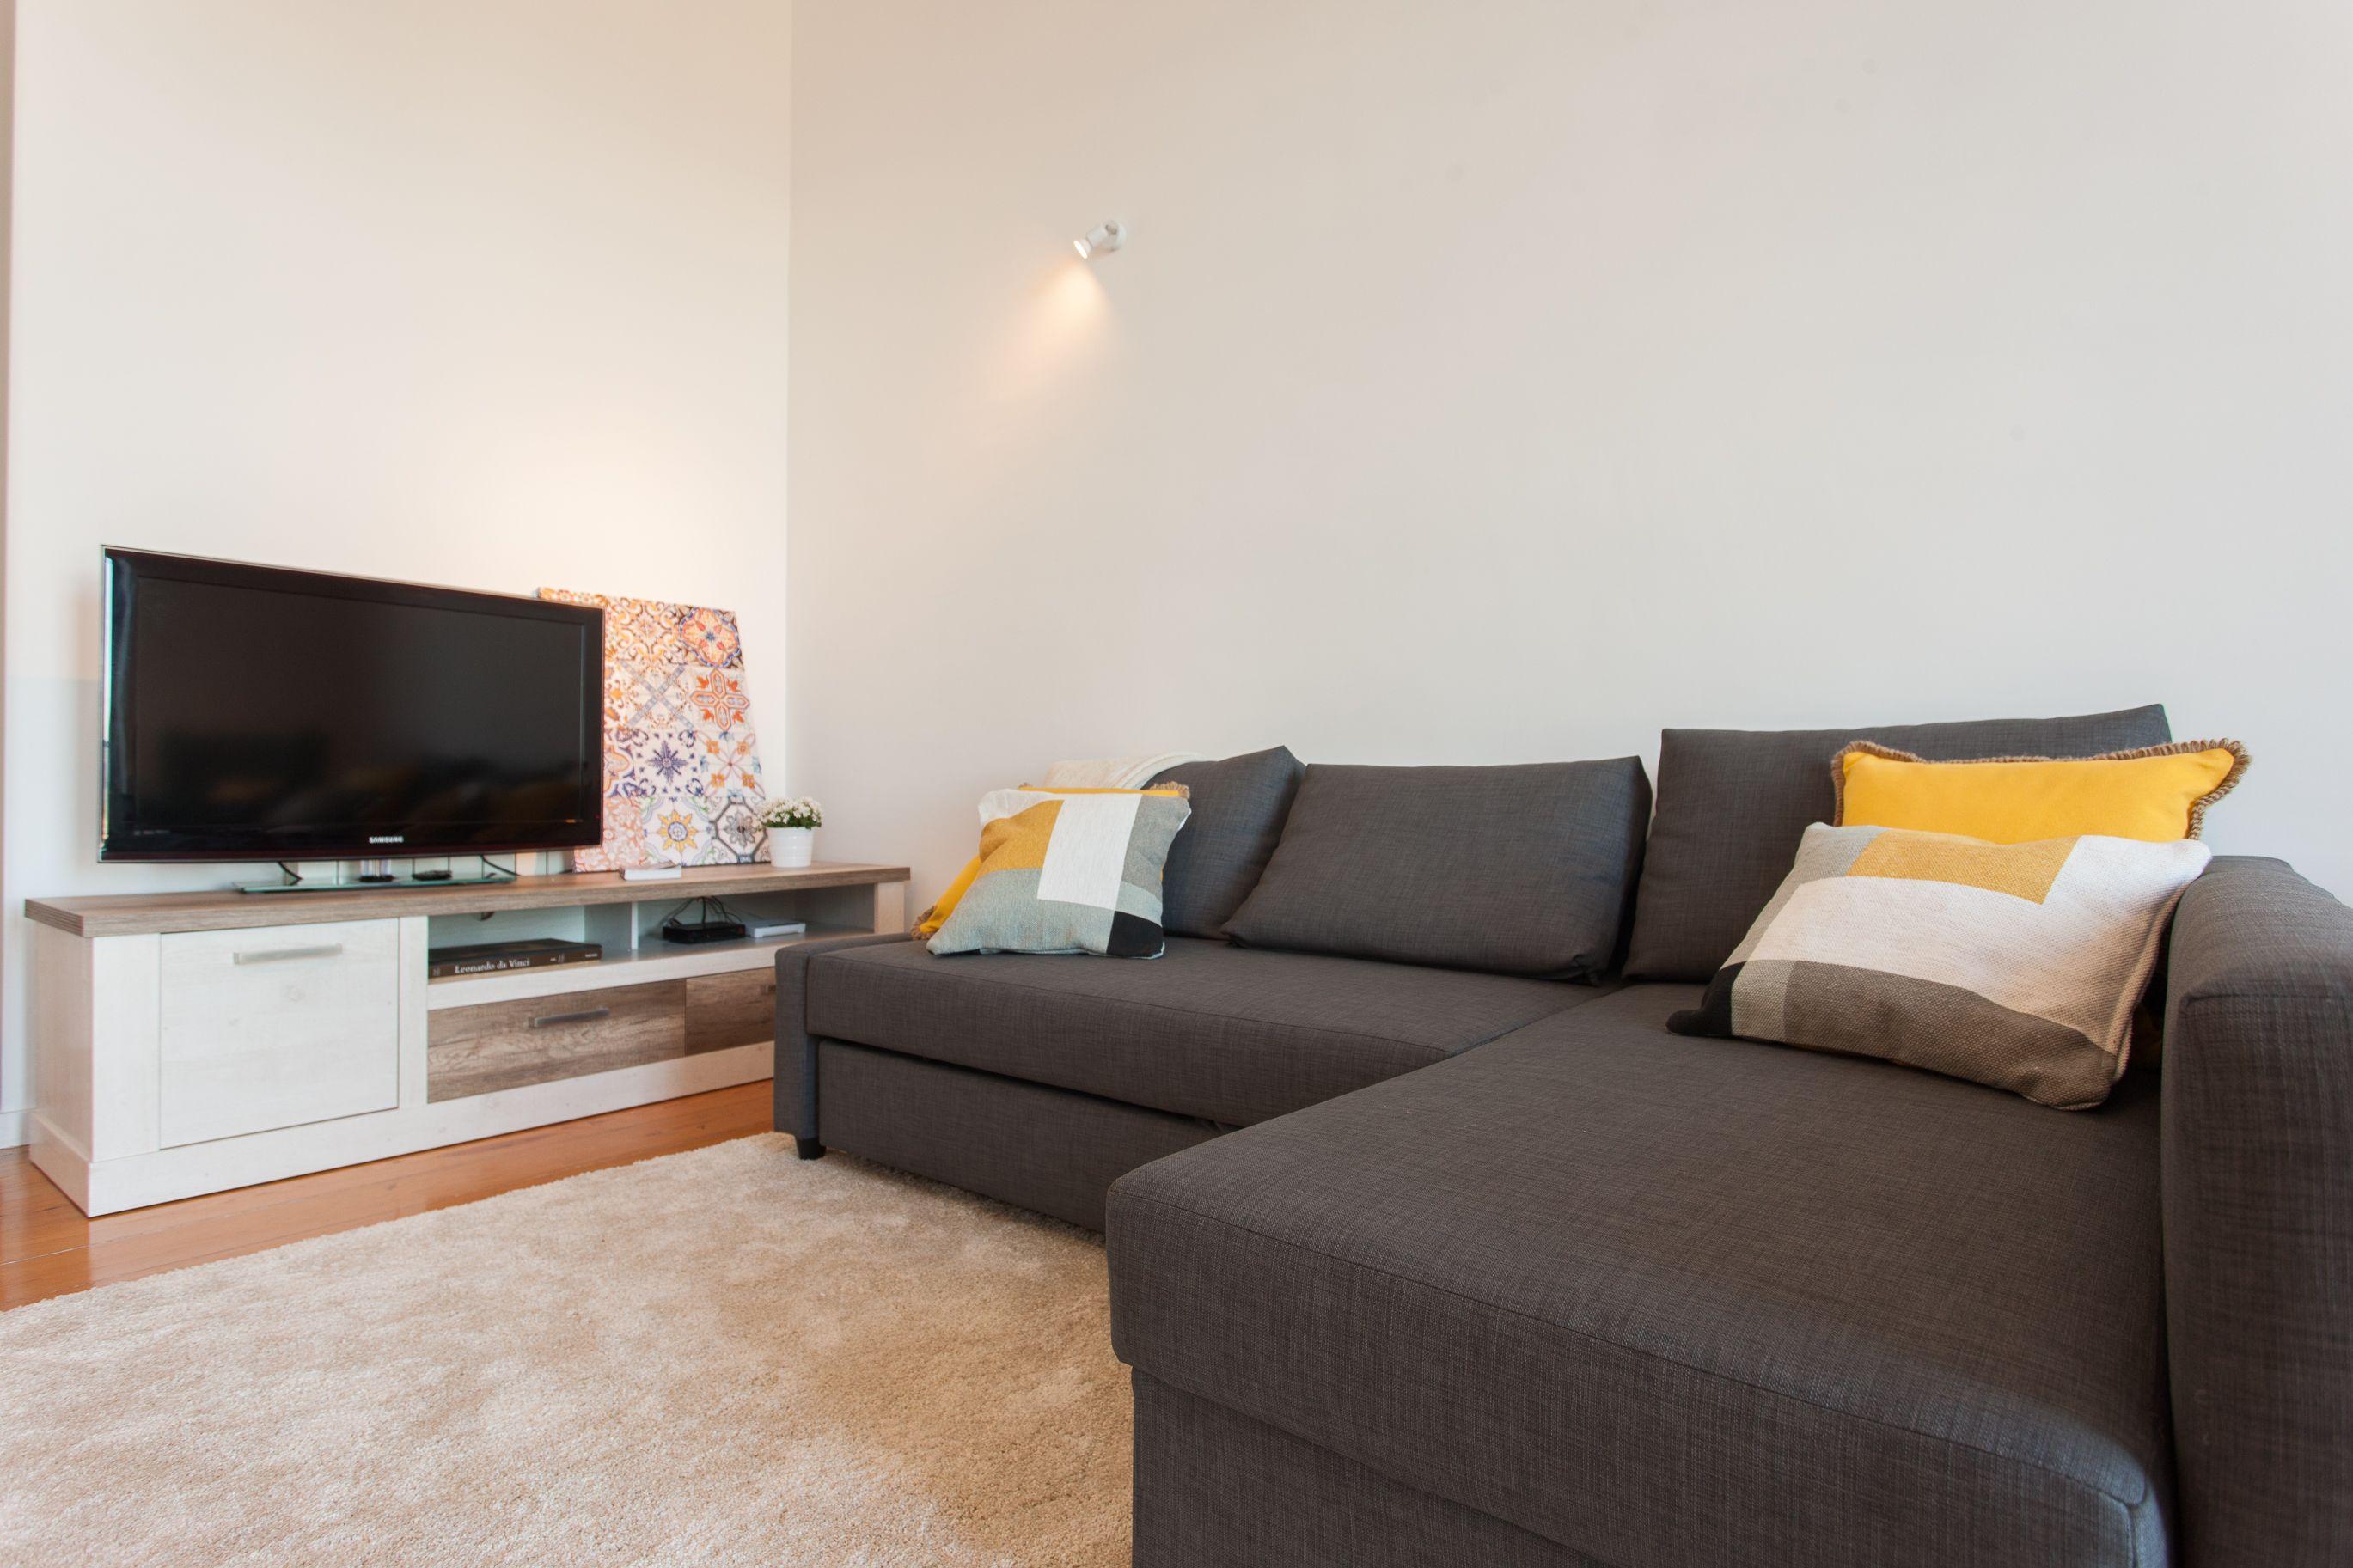 Sala de estar e jantar D'CASTRO Apartment - Rua Cais de Santarém nº32 1ºesq. NO AirBnB